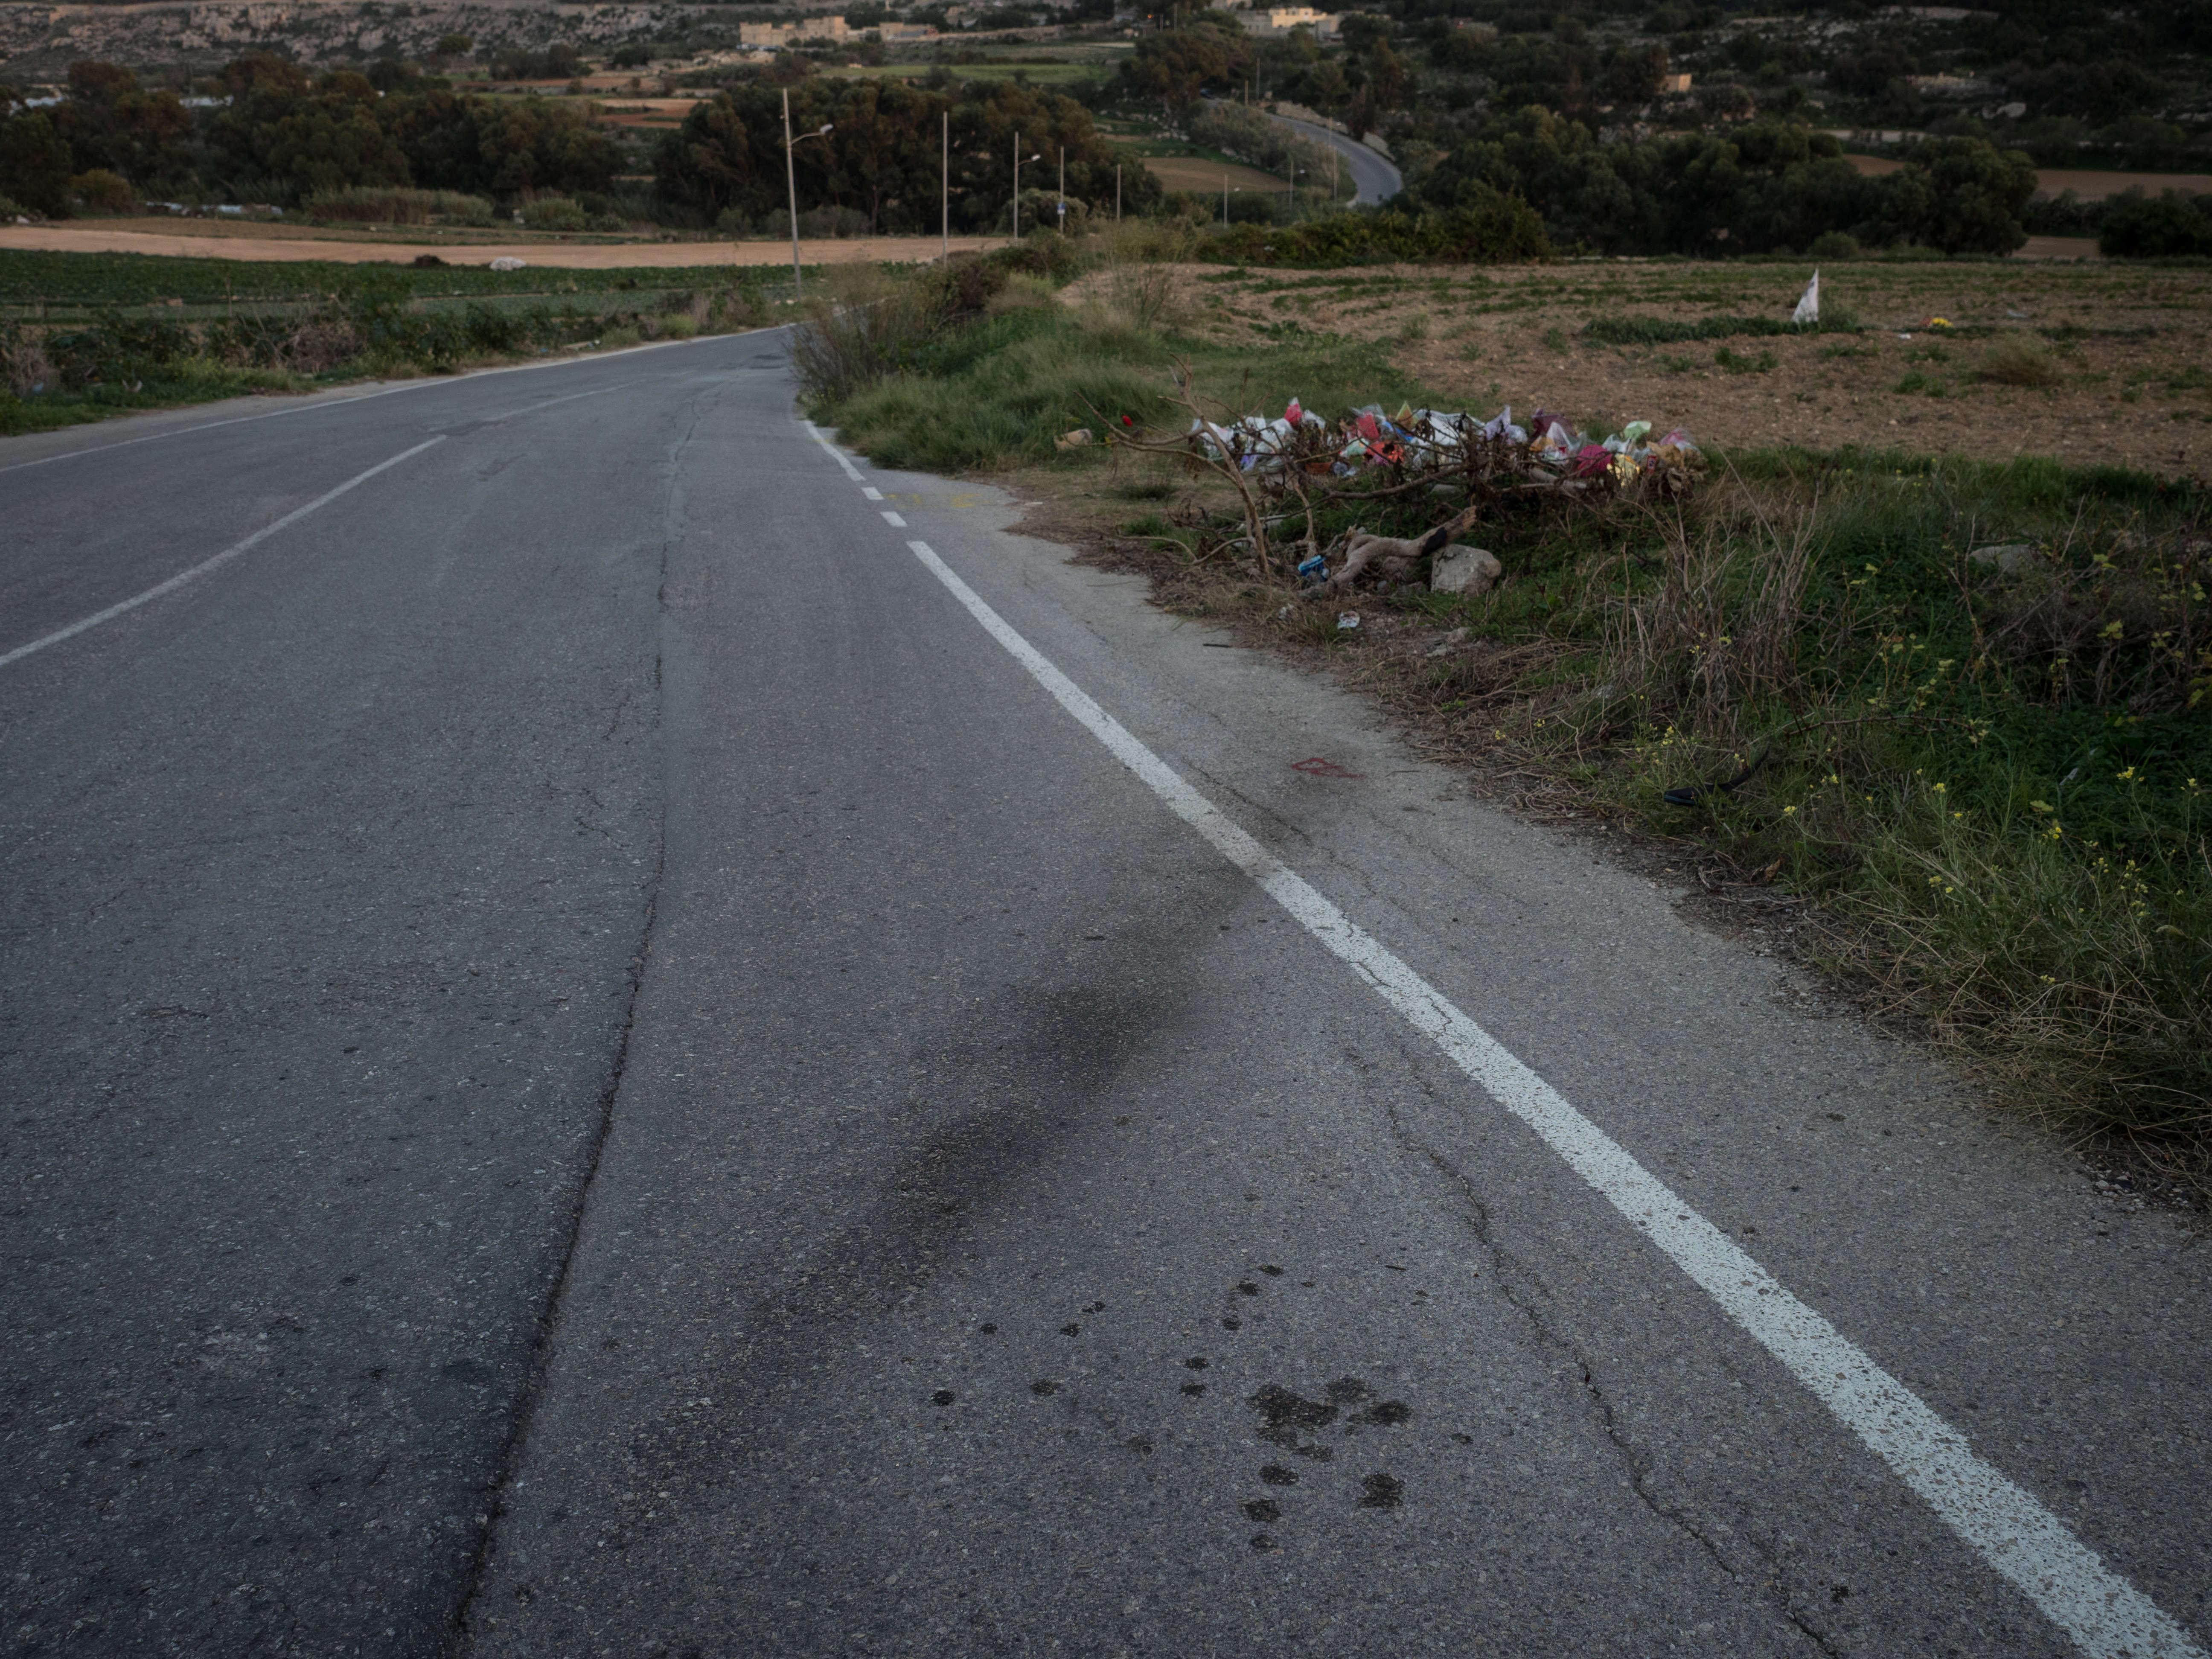 Les traces de pneu de la voiture de Daphne Caruana Galizia après l'explosion, à trois minutes de chez elle dans le nord de Malte. Une demi-heure avant de mourir, Daphne jette ces mots sur son site: «Les escrocs sont partout. La situation est désespérée.»